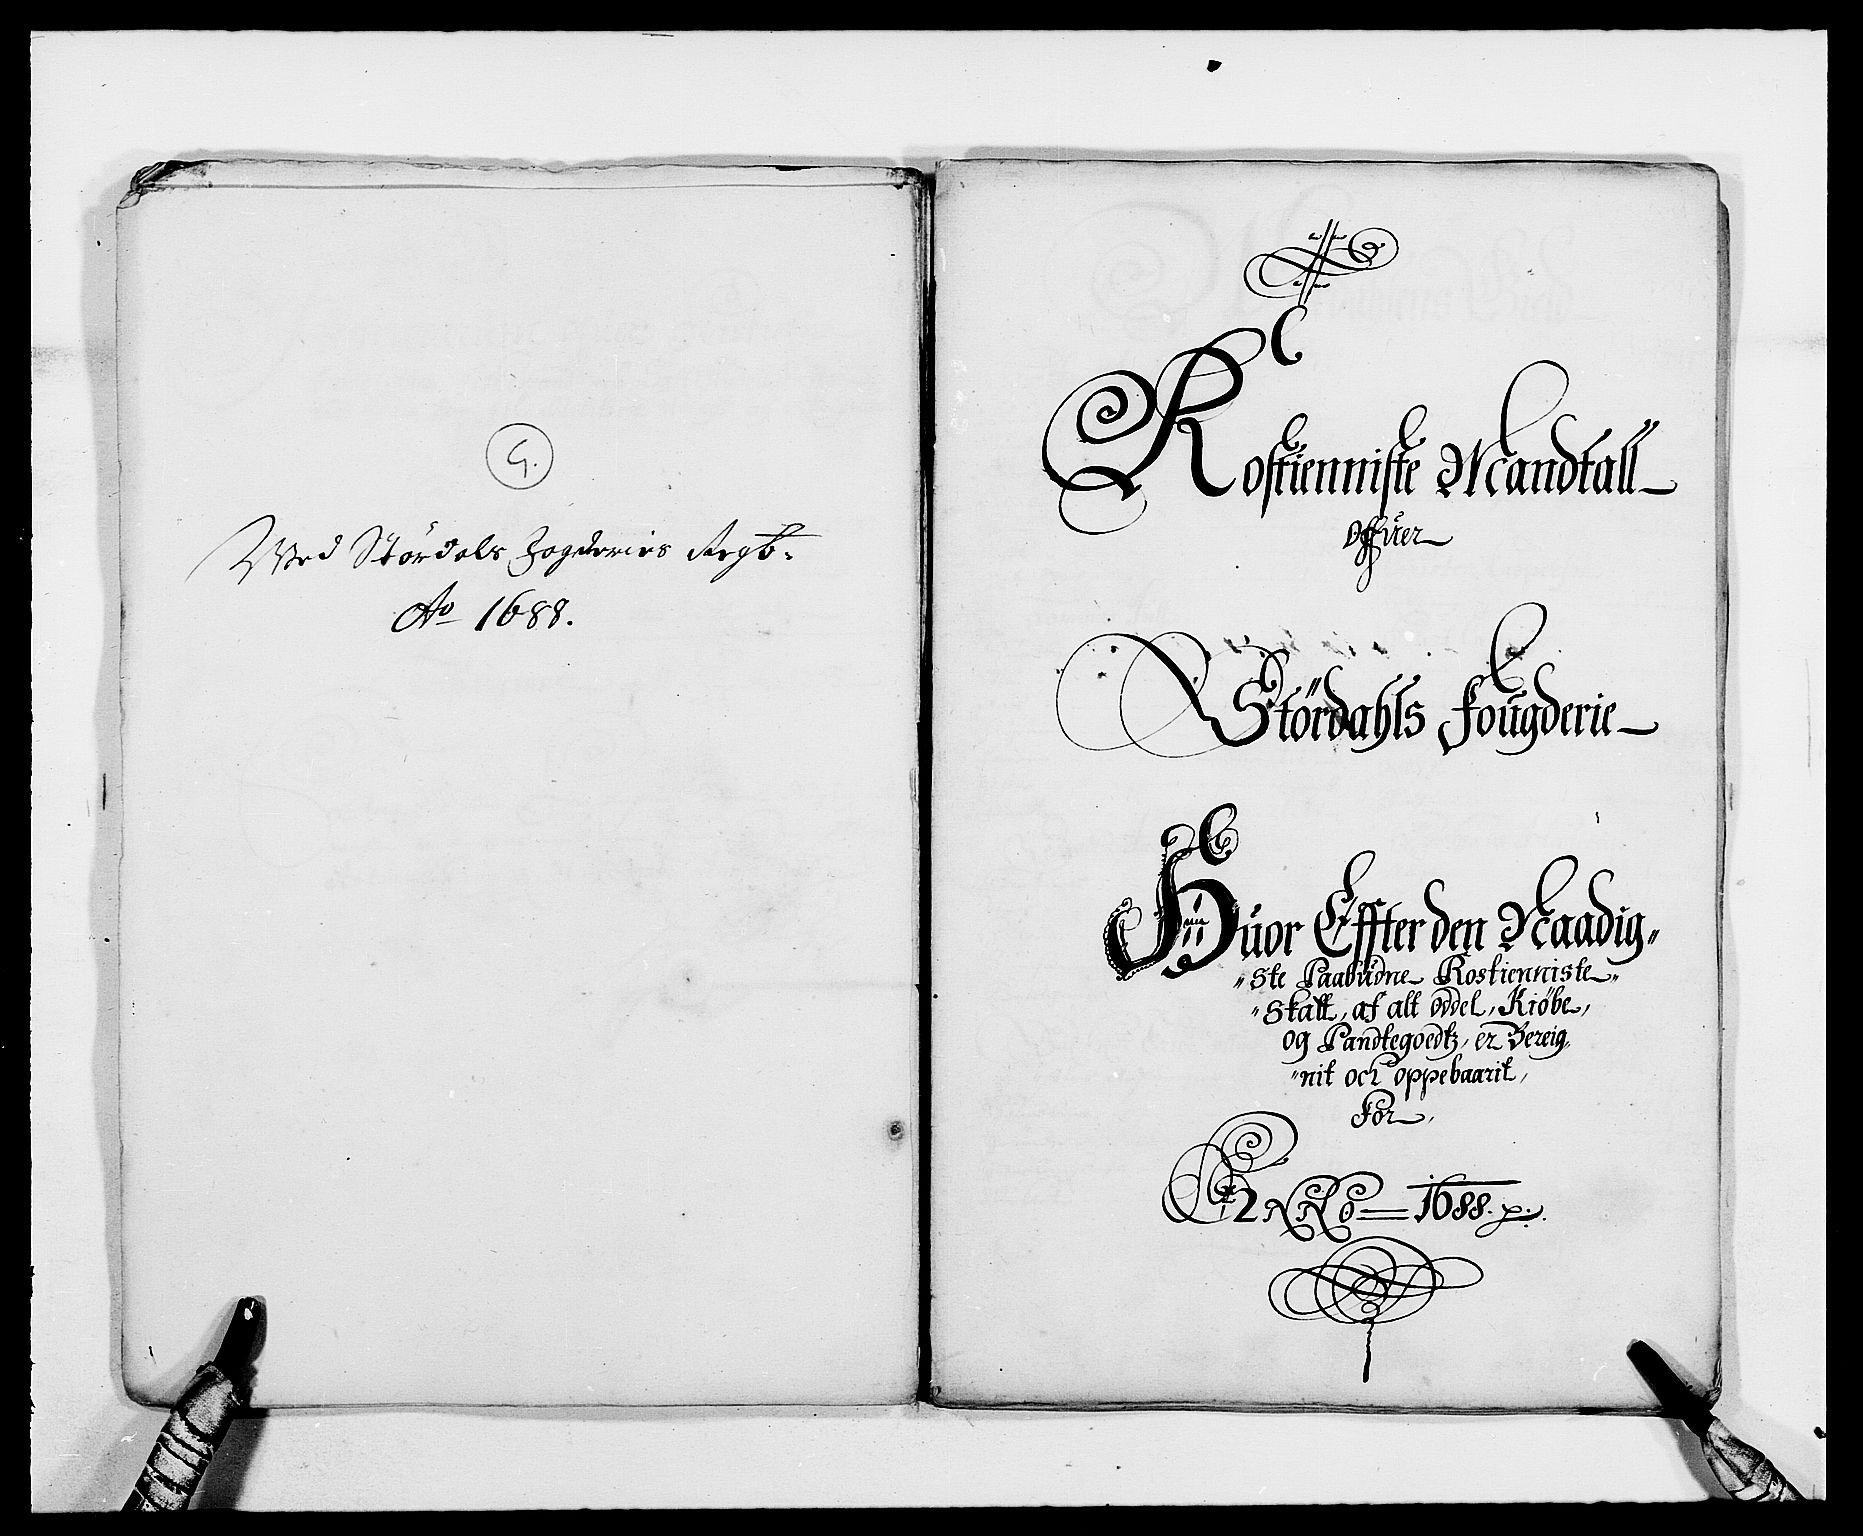 RA, Rentekammeret inntil 1814, Reviderte regnskaper, Fogderegnskap, R62/L4183: Fogderegnskap Stjørdal og Verdal, 1687-1689, s. 234